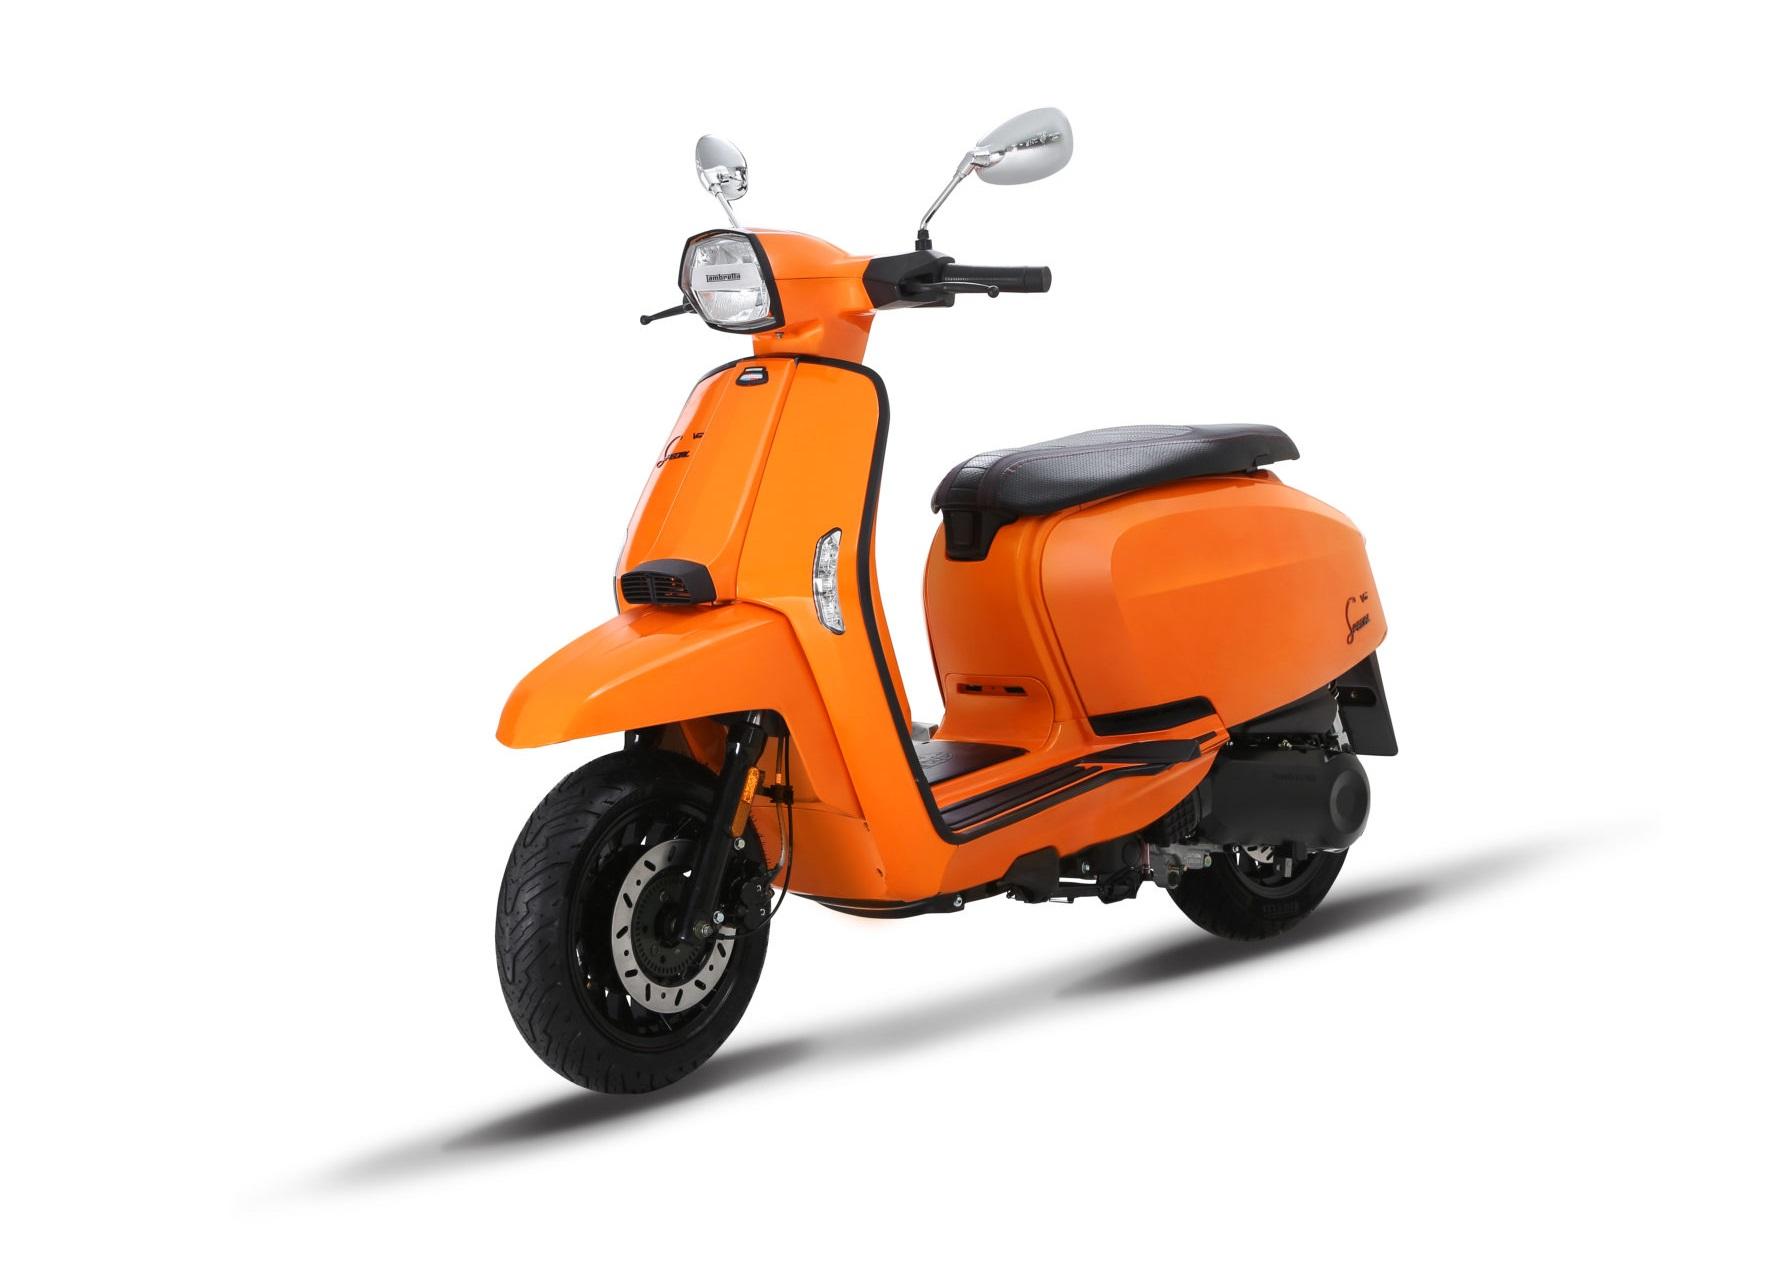 Vendita accessori moto a Firenze